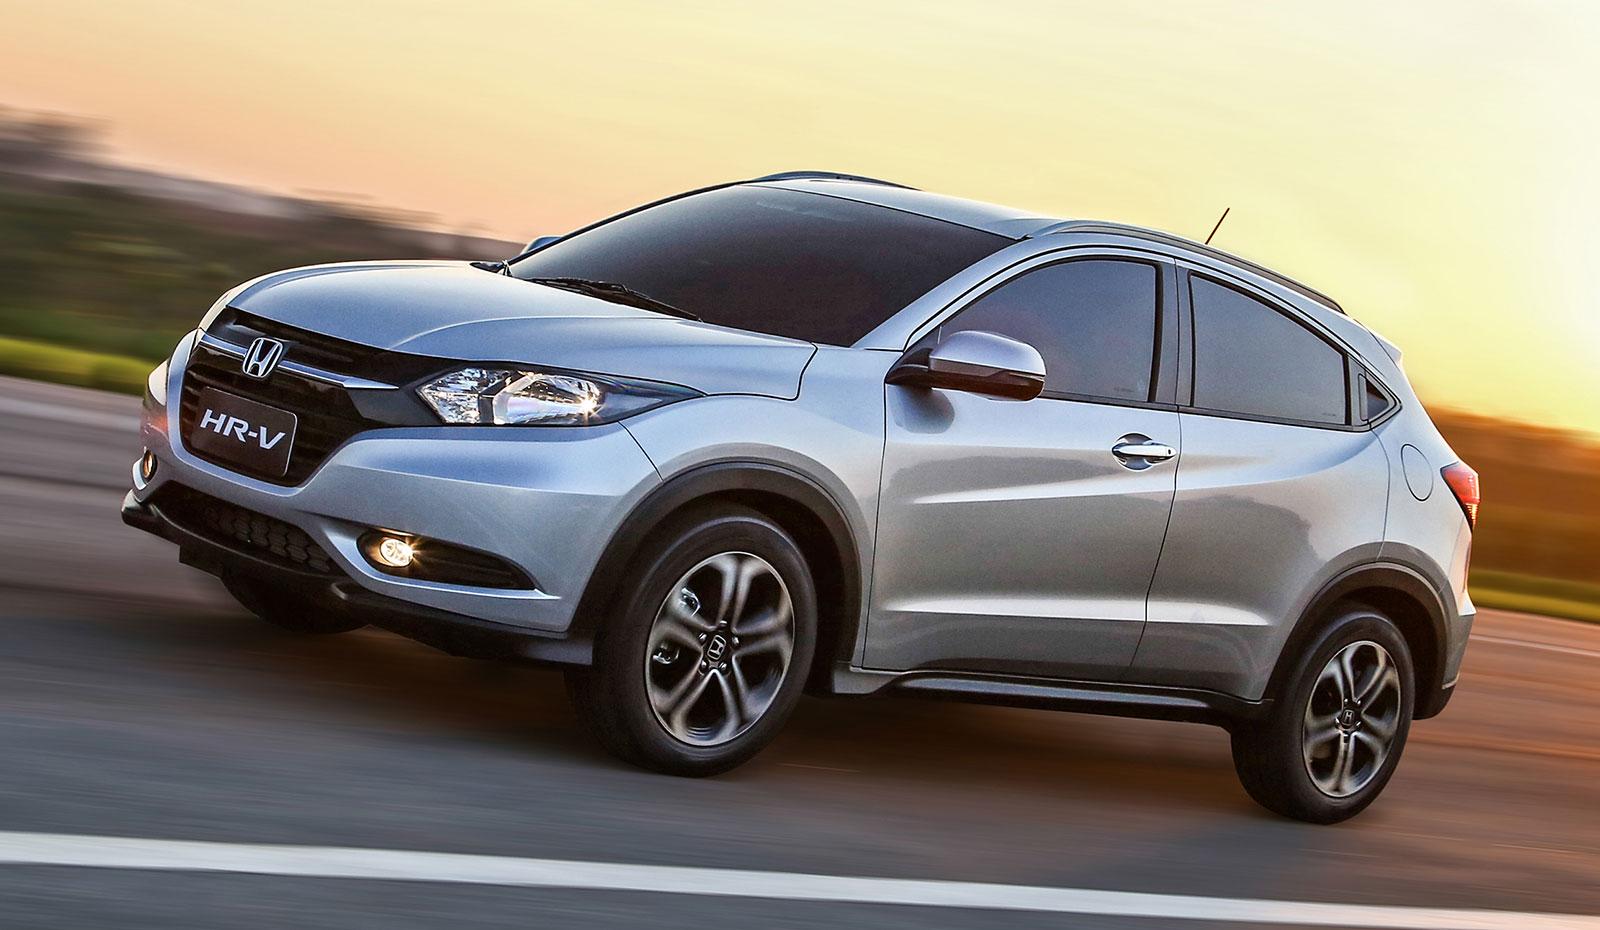 Honda HR-V adalah salah satu produk mobil terbaik dari perusahaan otomotif ternama